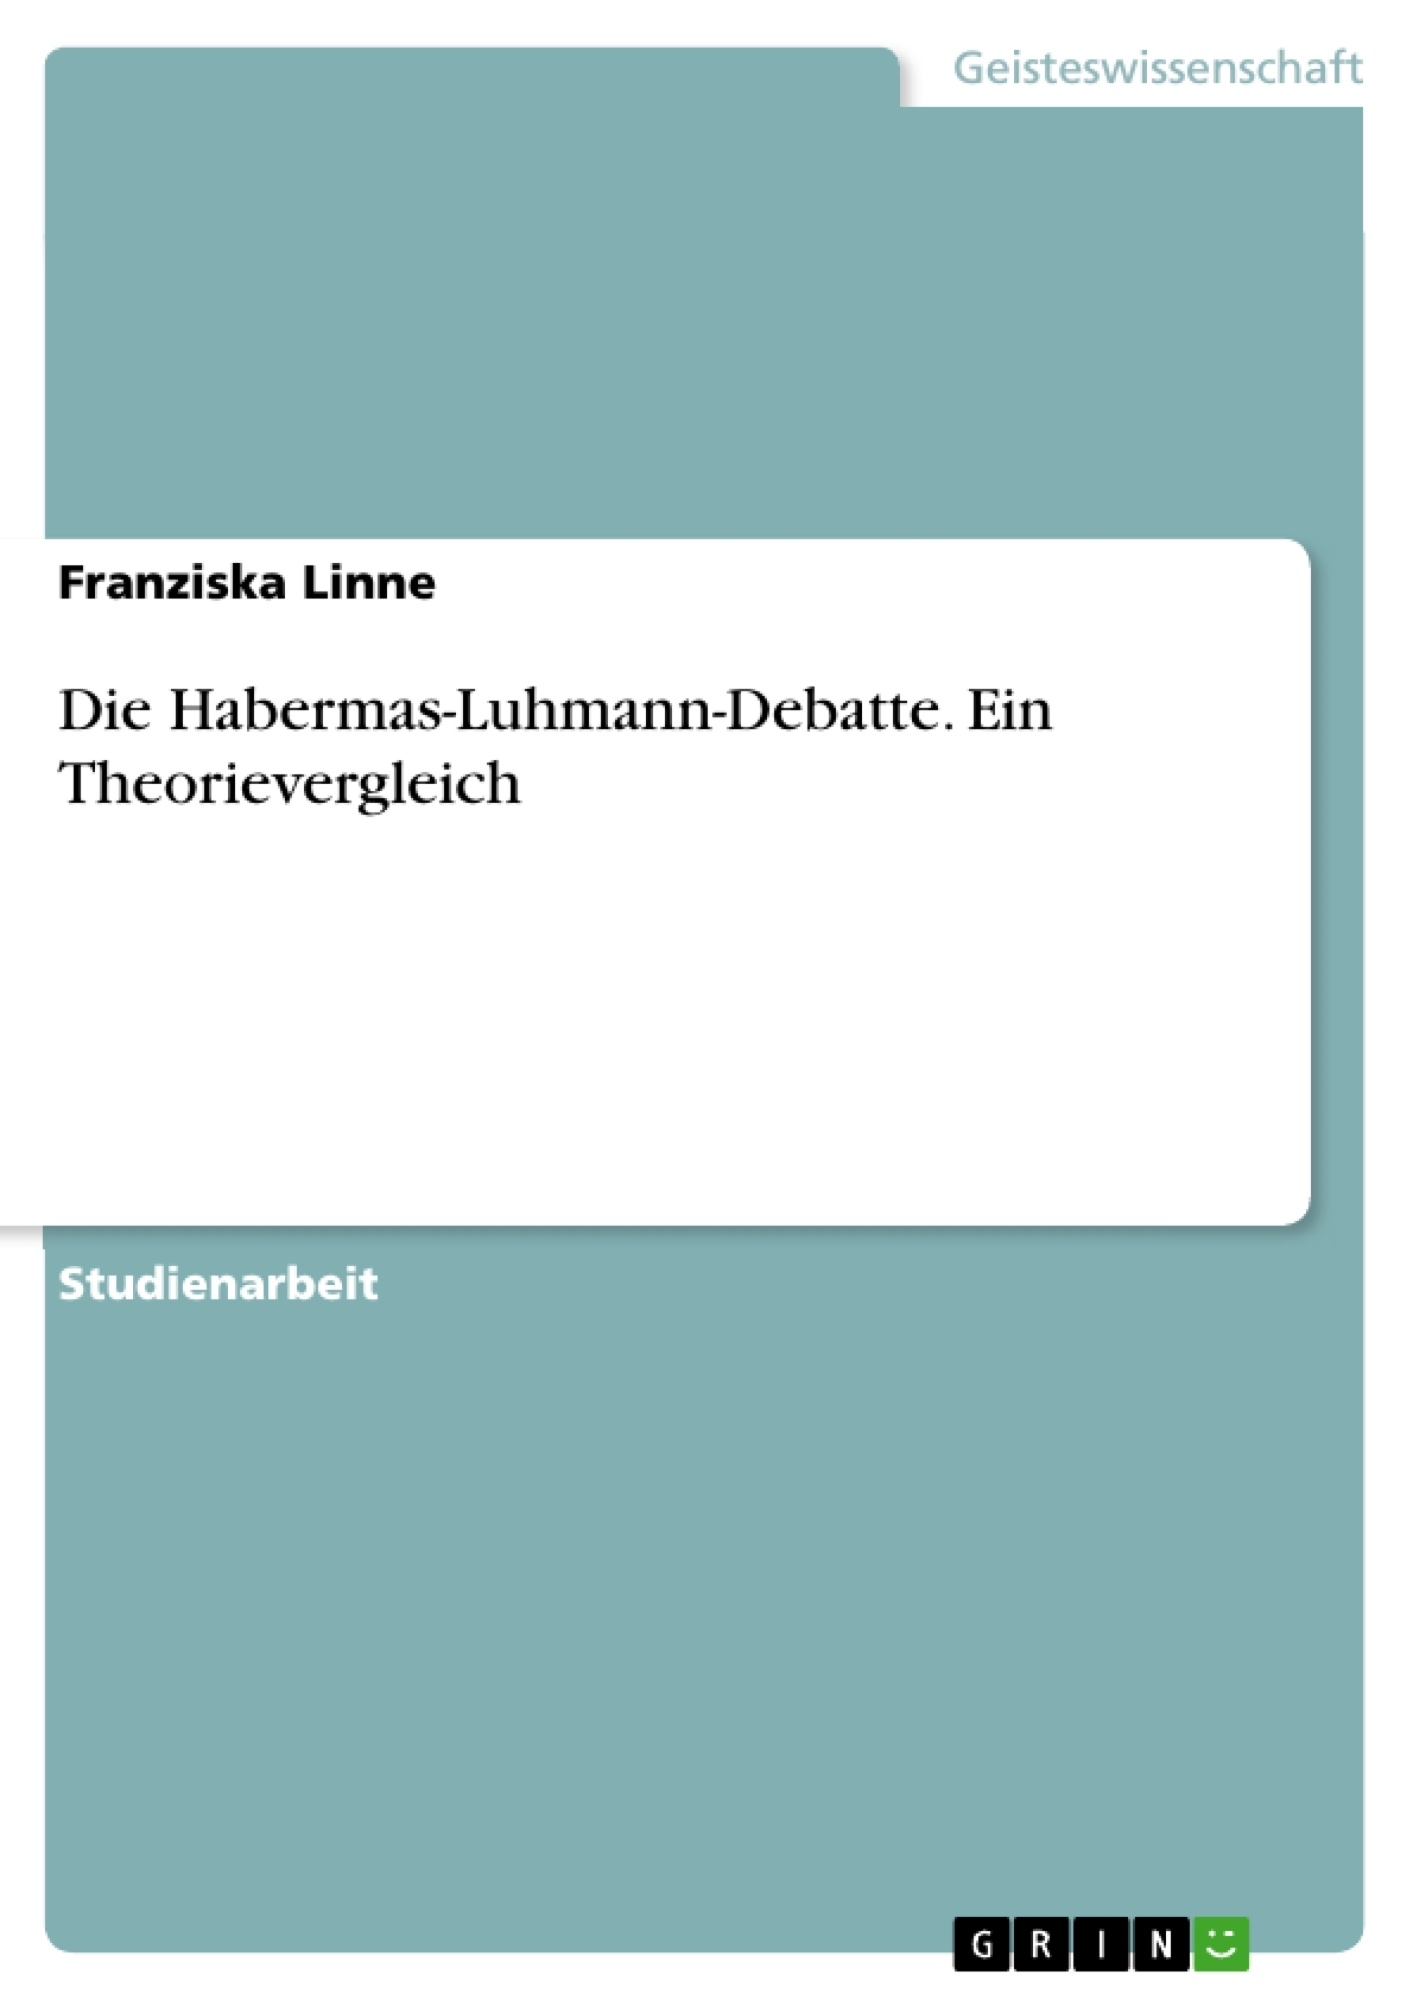 Titel: Die Habermas-Luhmann-Debatte. Ein Theorievergleich